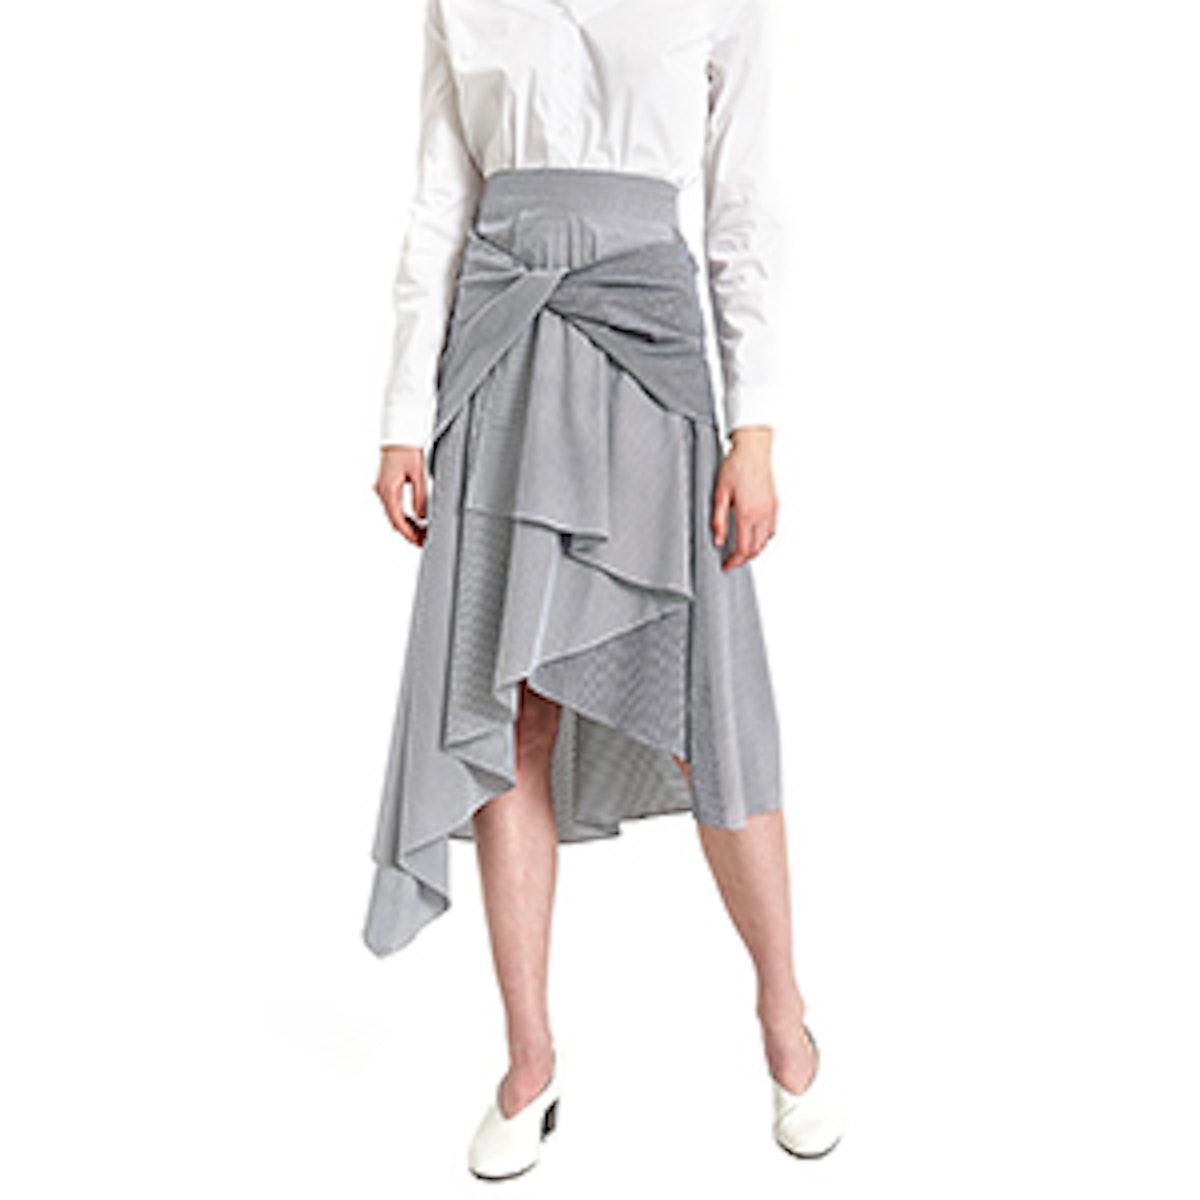 Twist Skirt In Navy/White